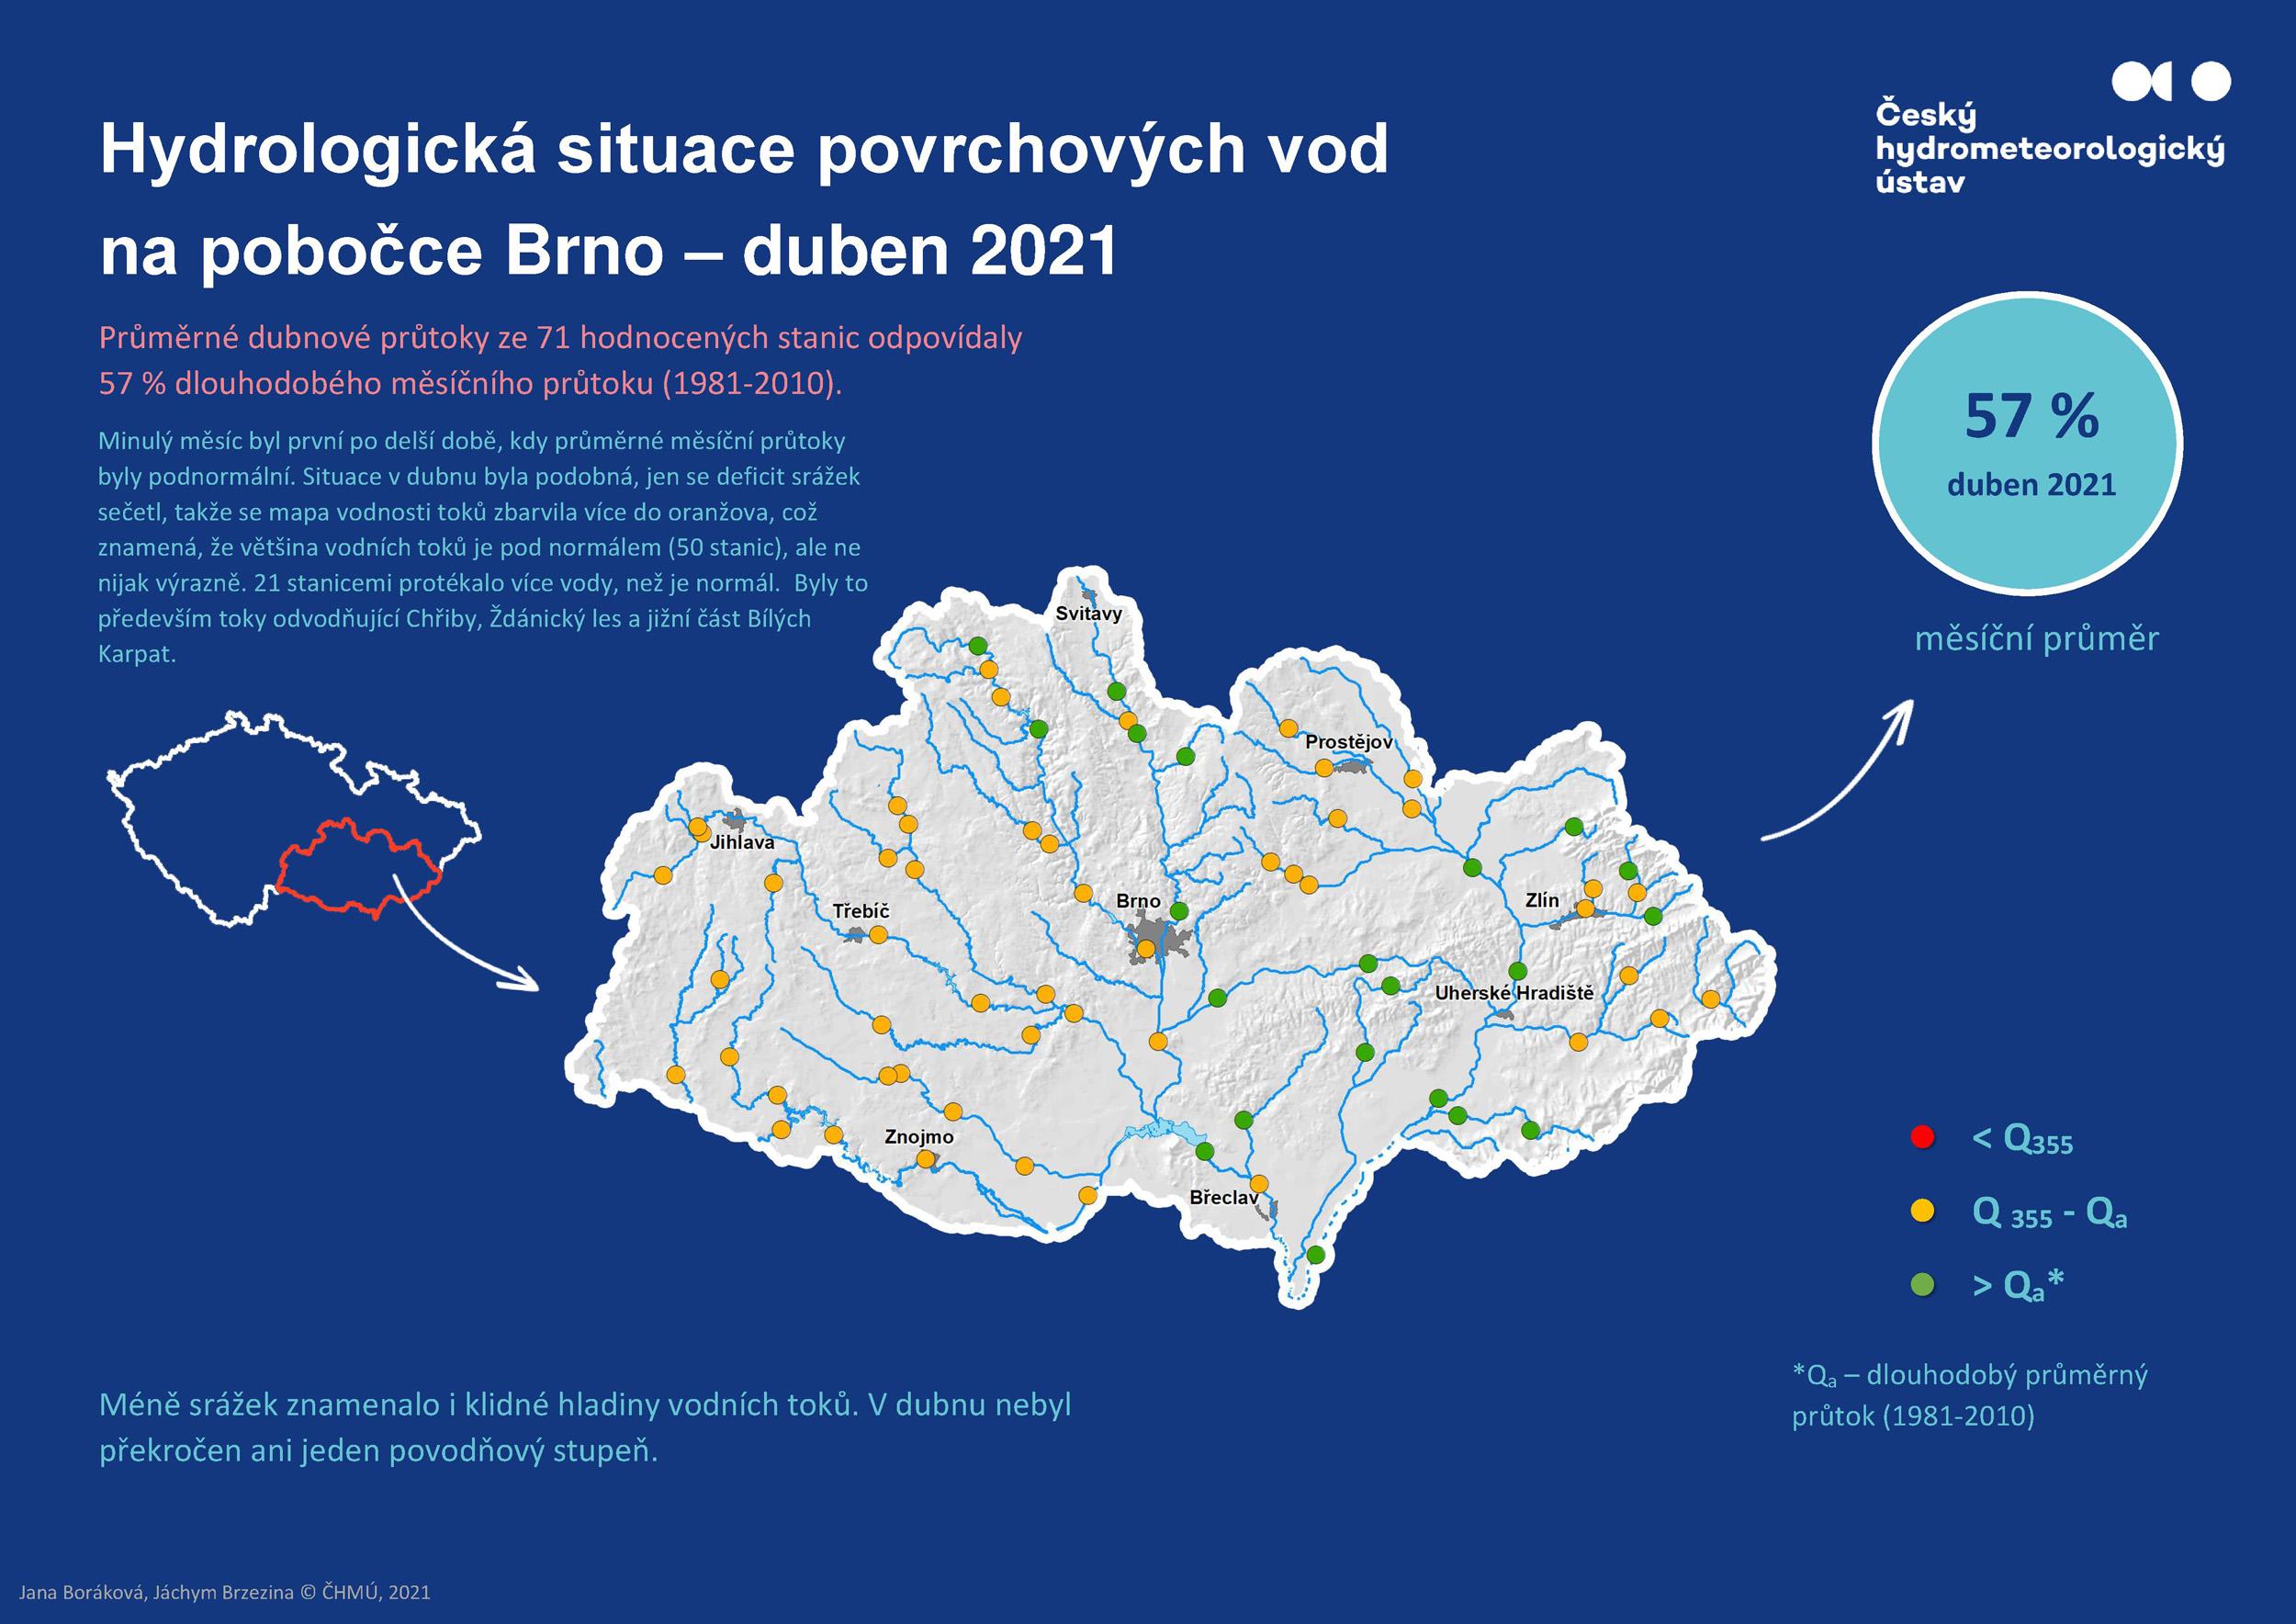 Hydrologická situace povrchových vod na pobočce Brno – duben 20211 min čtení